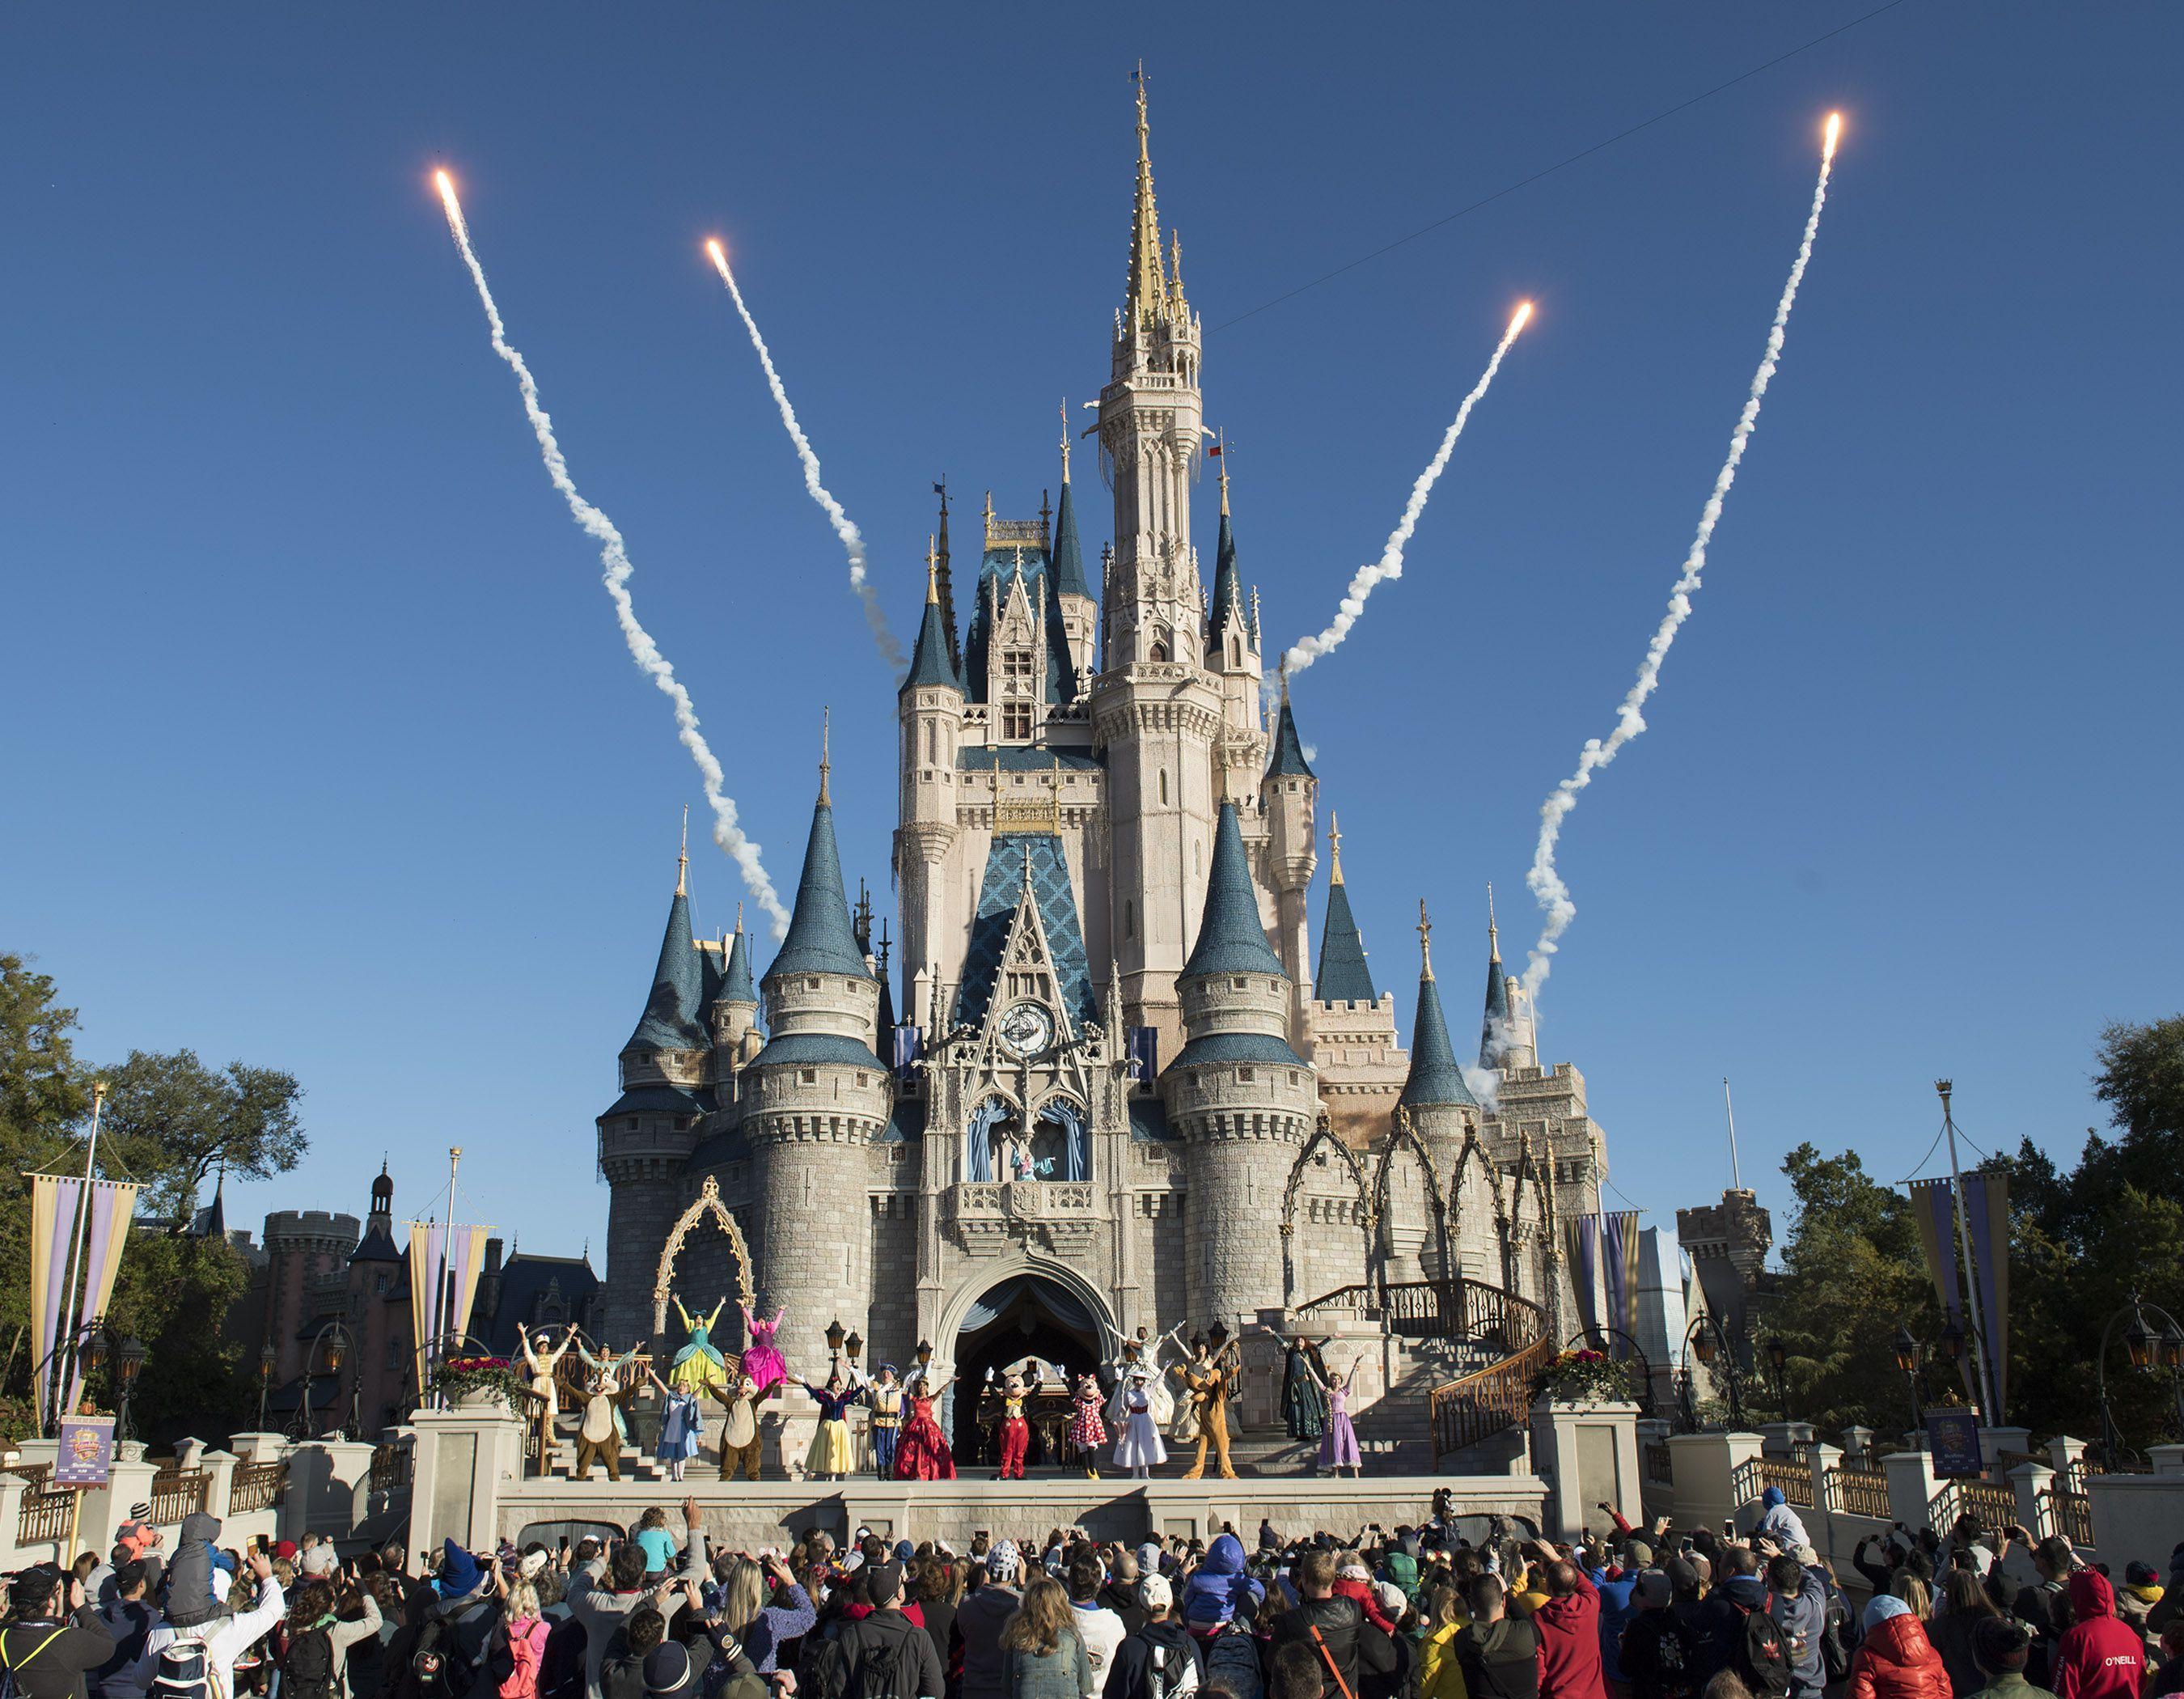 Cada mañana tiene lugar un nuevo espectáculo de bienvenida en el escenario de la explanada del Castillo de Cenicienta en el Parque Magic Kingdom